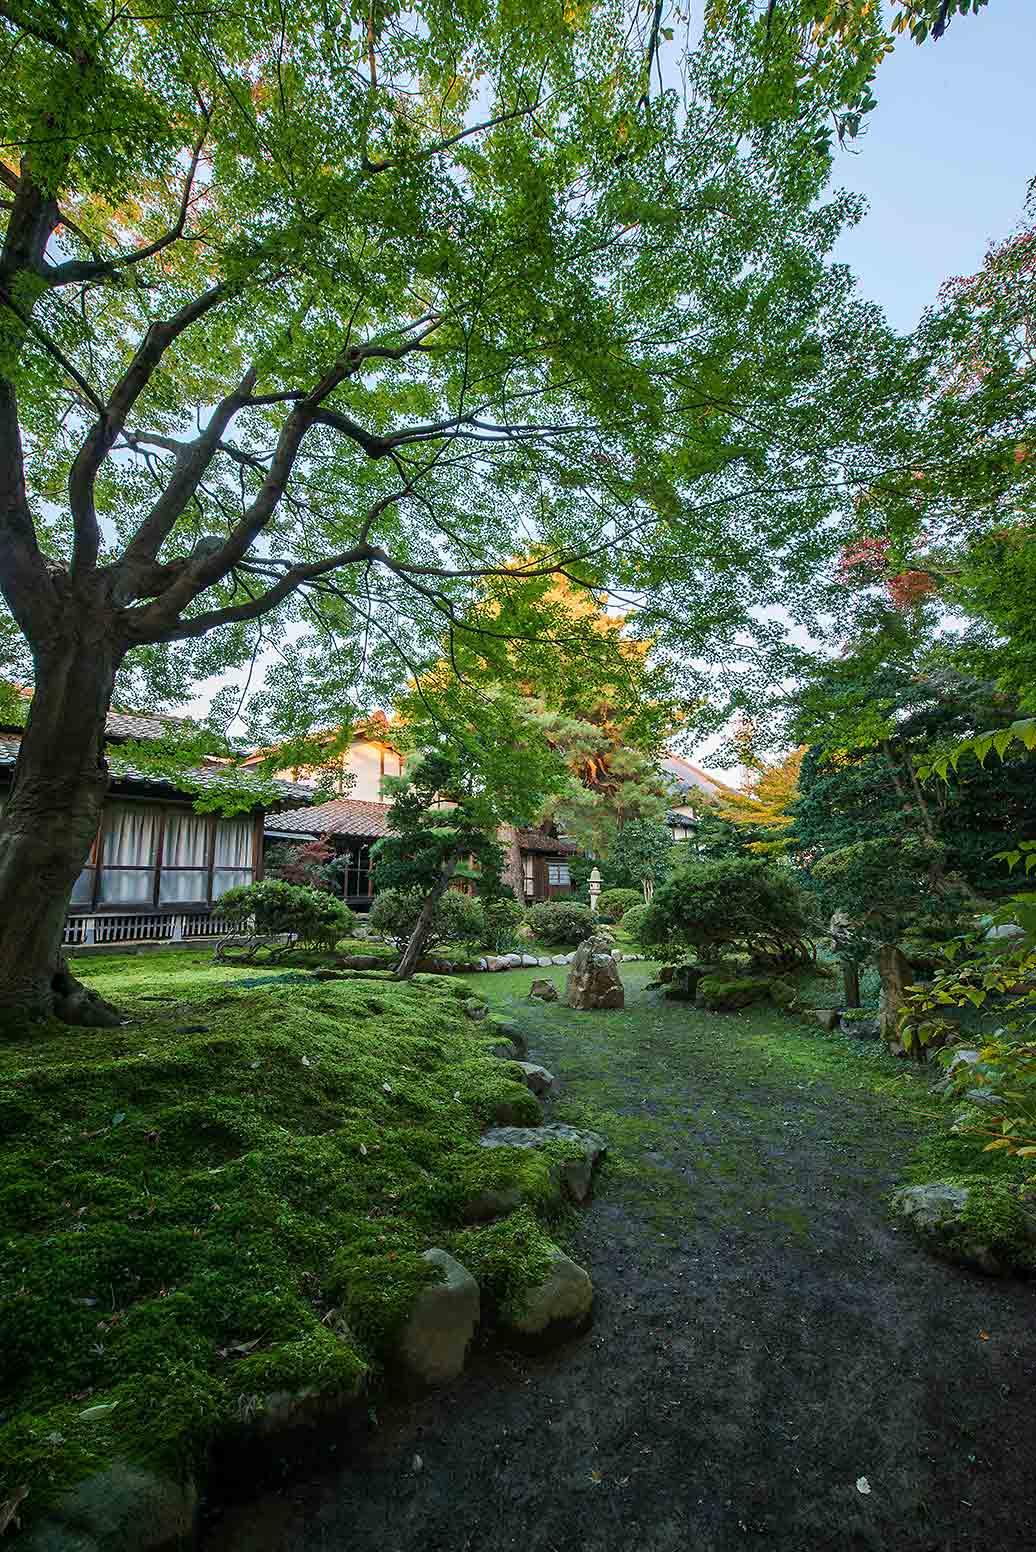 無為信寺の庭園の様子